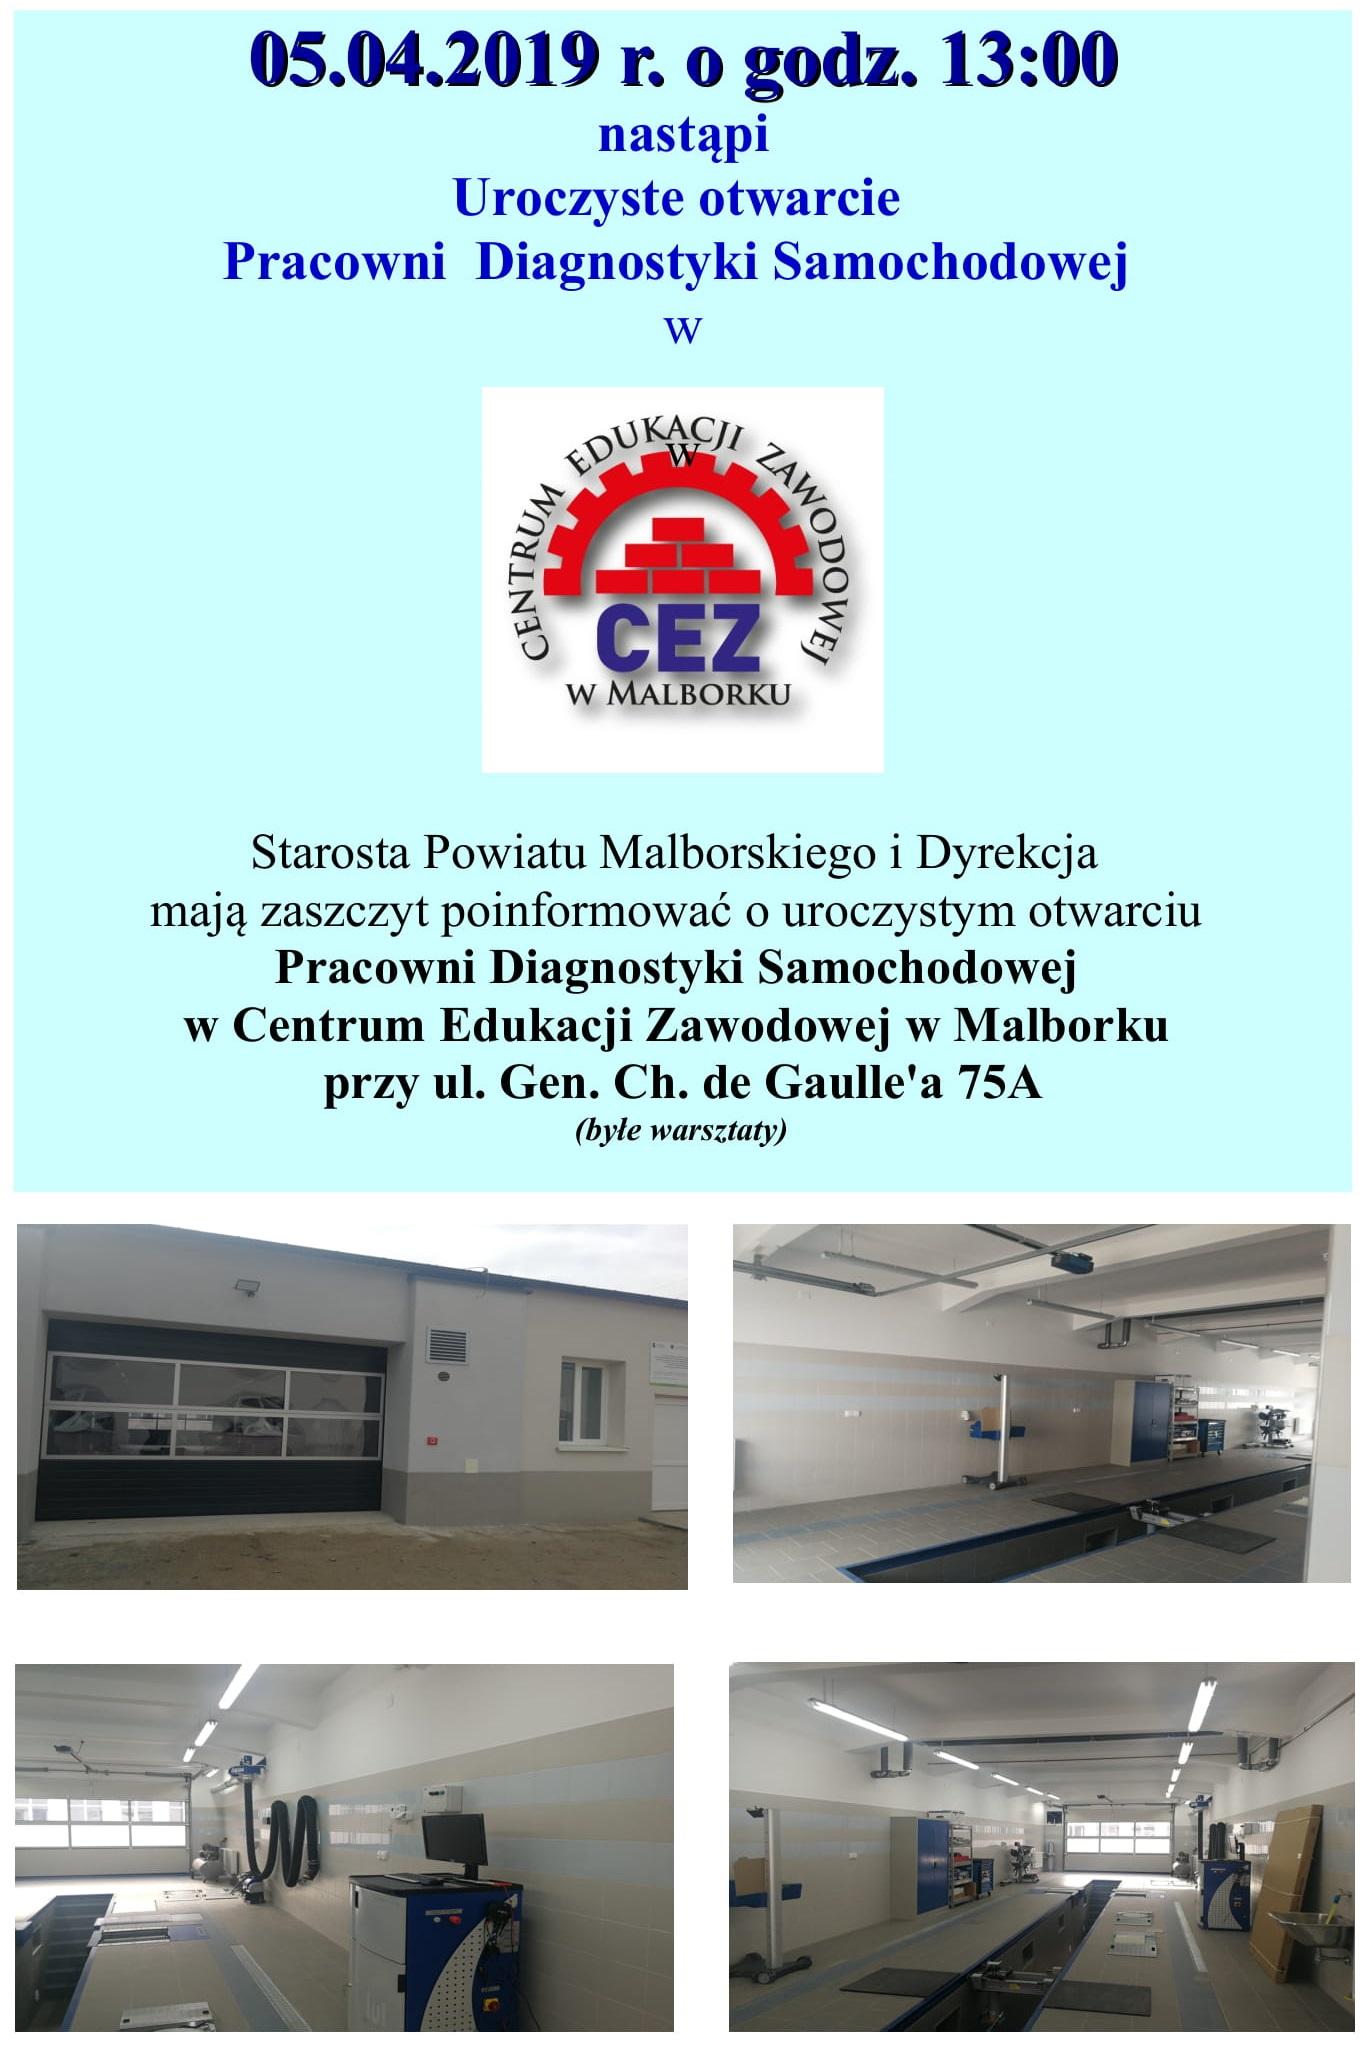 http://m.82-200.pl/2019/04/orig/otwarcie-pracowni-giagnostyki-samochodowejodt-1-4405.jpg